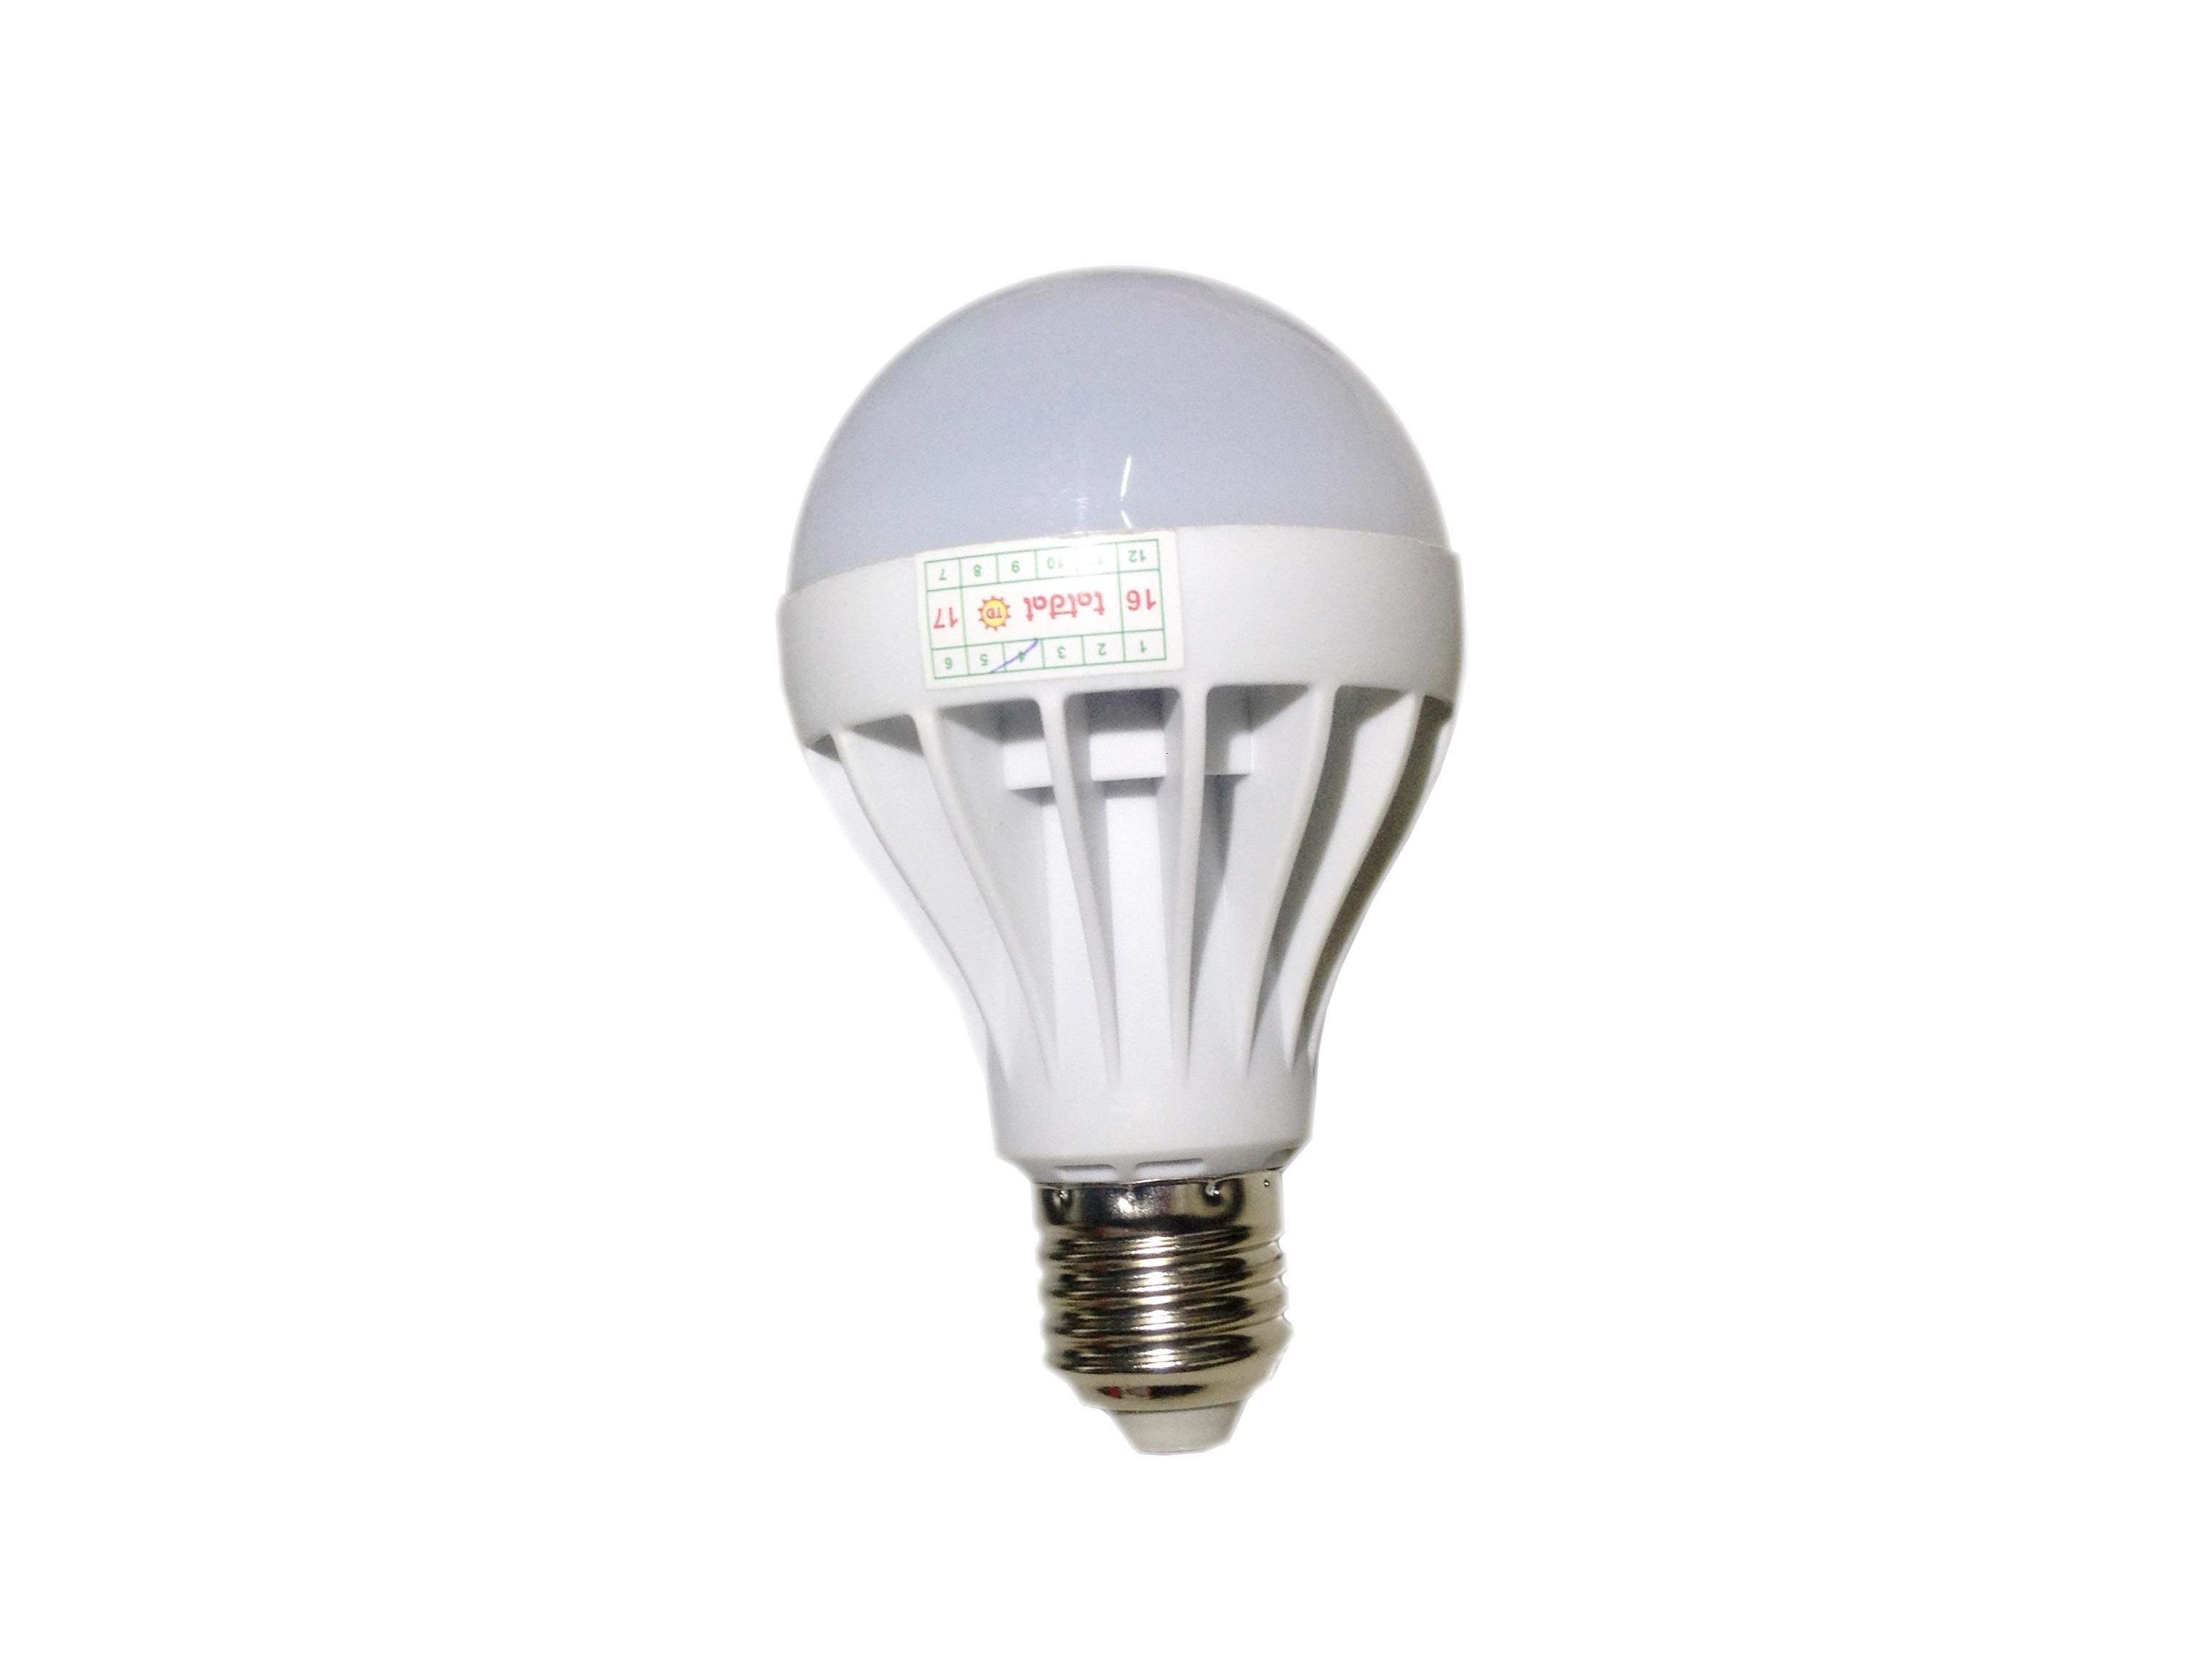 Đèn Led 12W-220V (siêu tích kiệm điện)